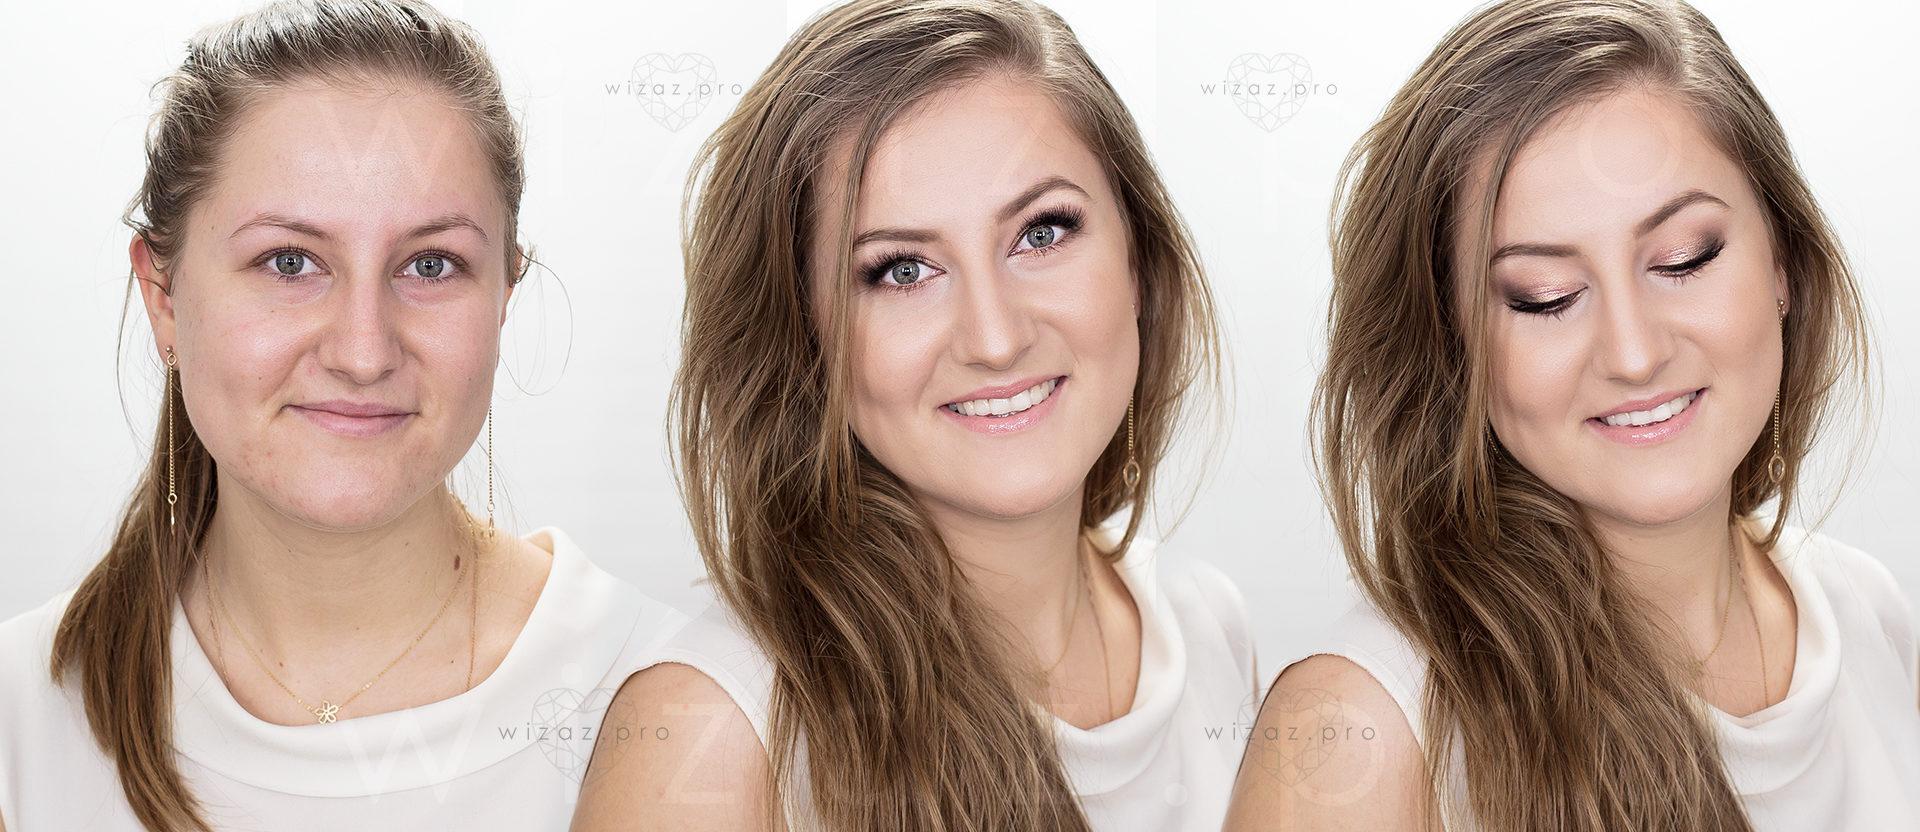 Delikatny i rozświetlający makijaż ślubny dla blondynki z niebieskimi oczami